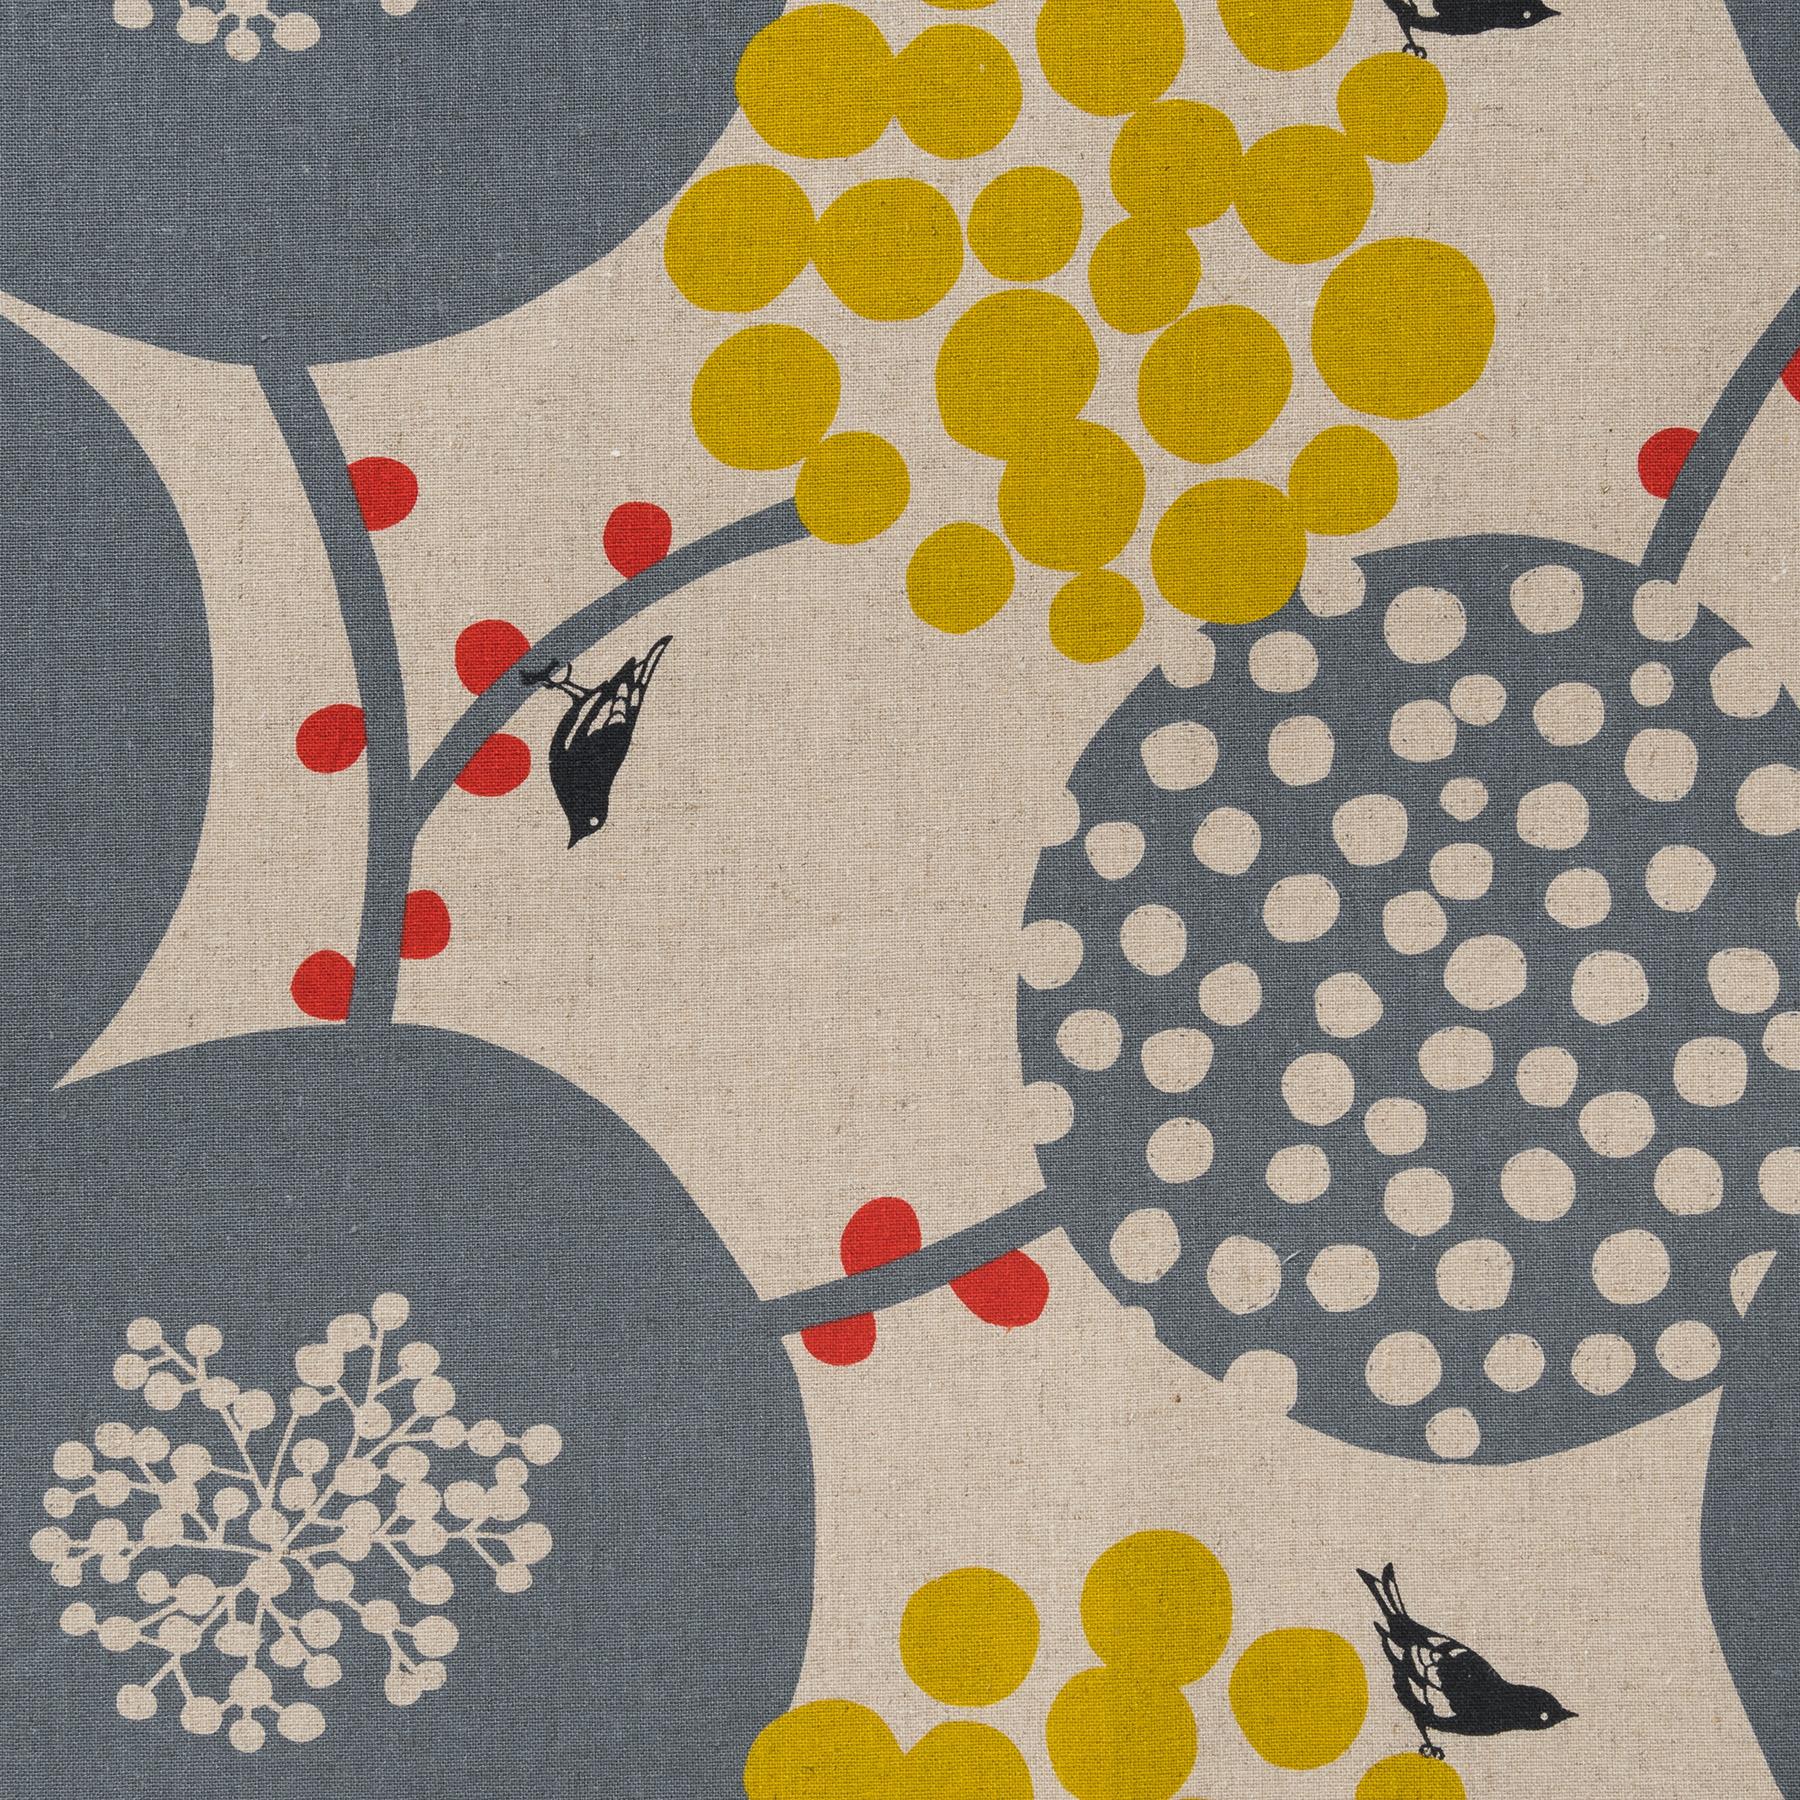 Baumwolle Leinen Canvas bedruckt mit großflächigem Vogelmotiv in grau und gelb auf naturfarbenem Grund